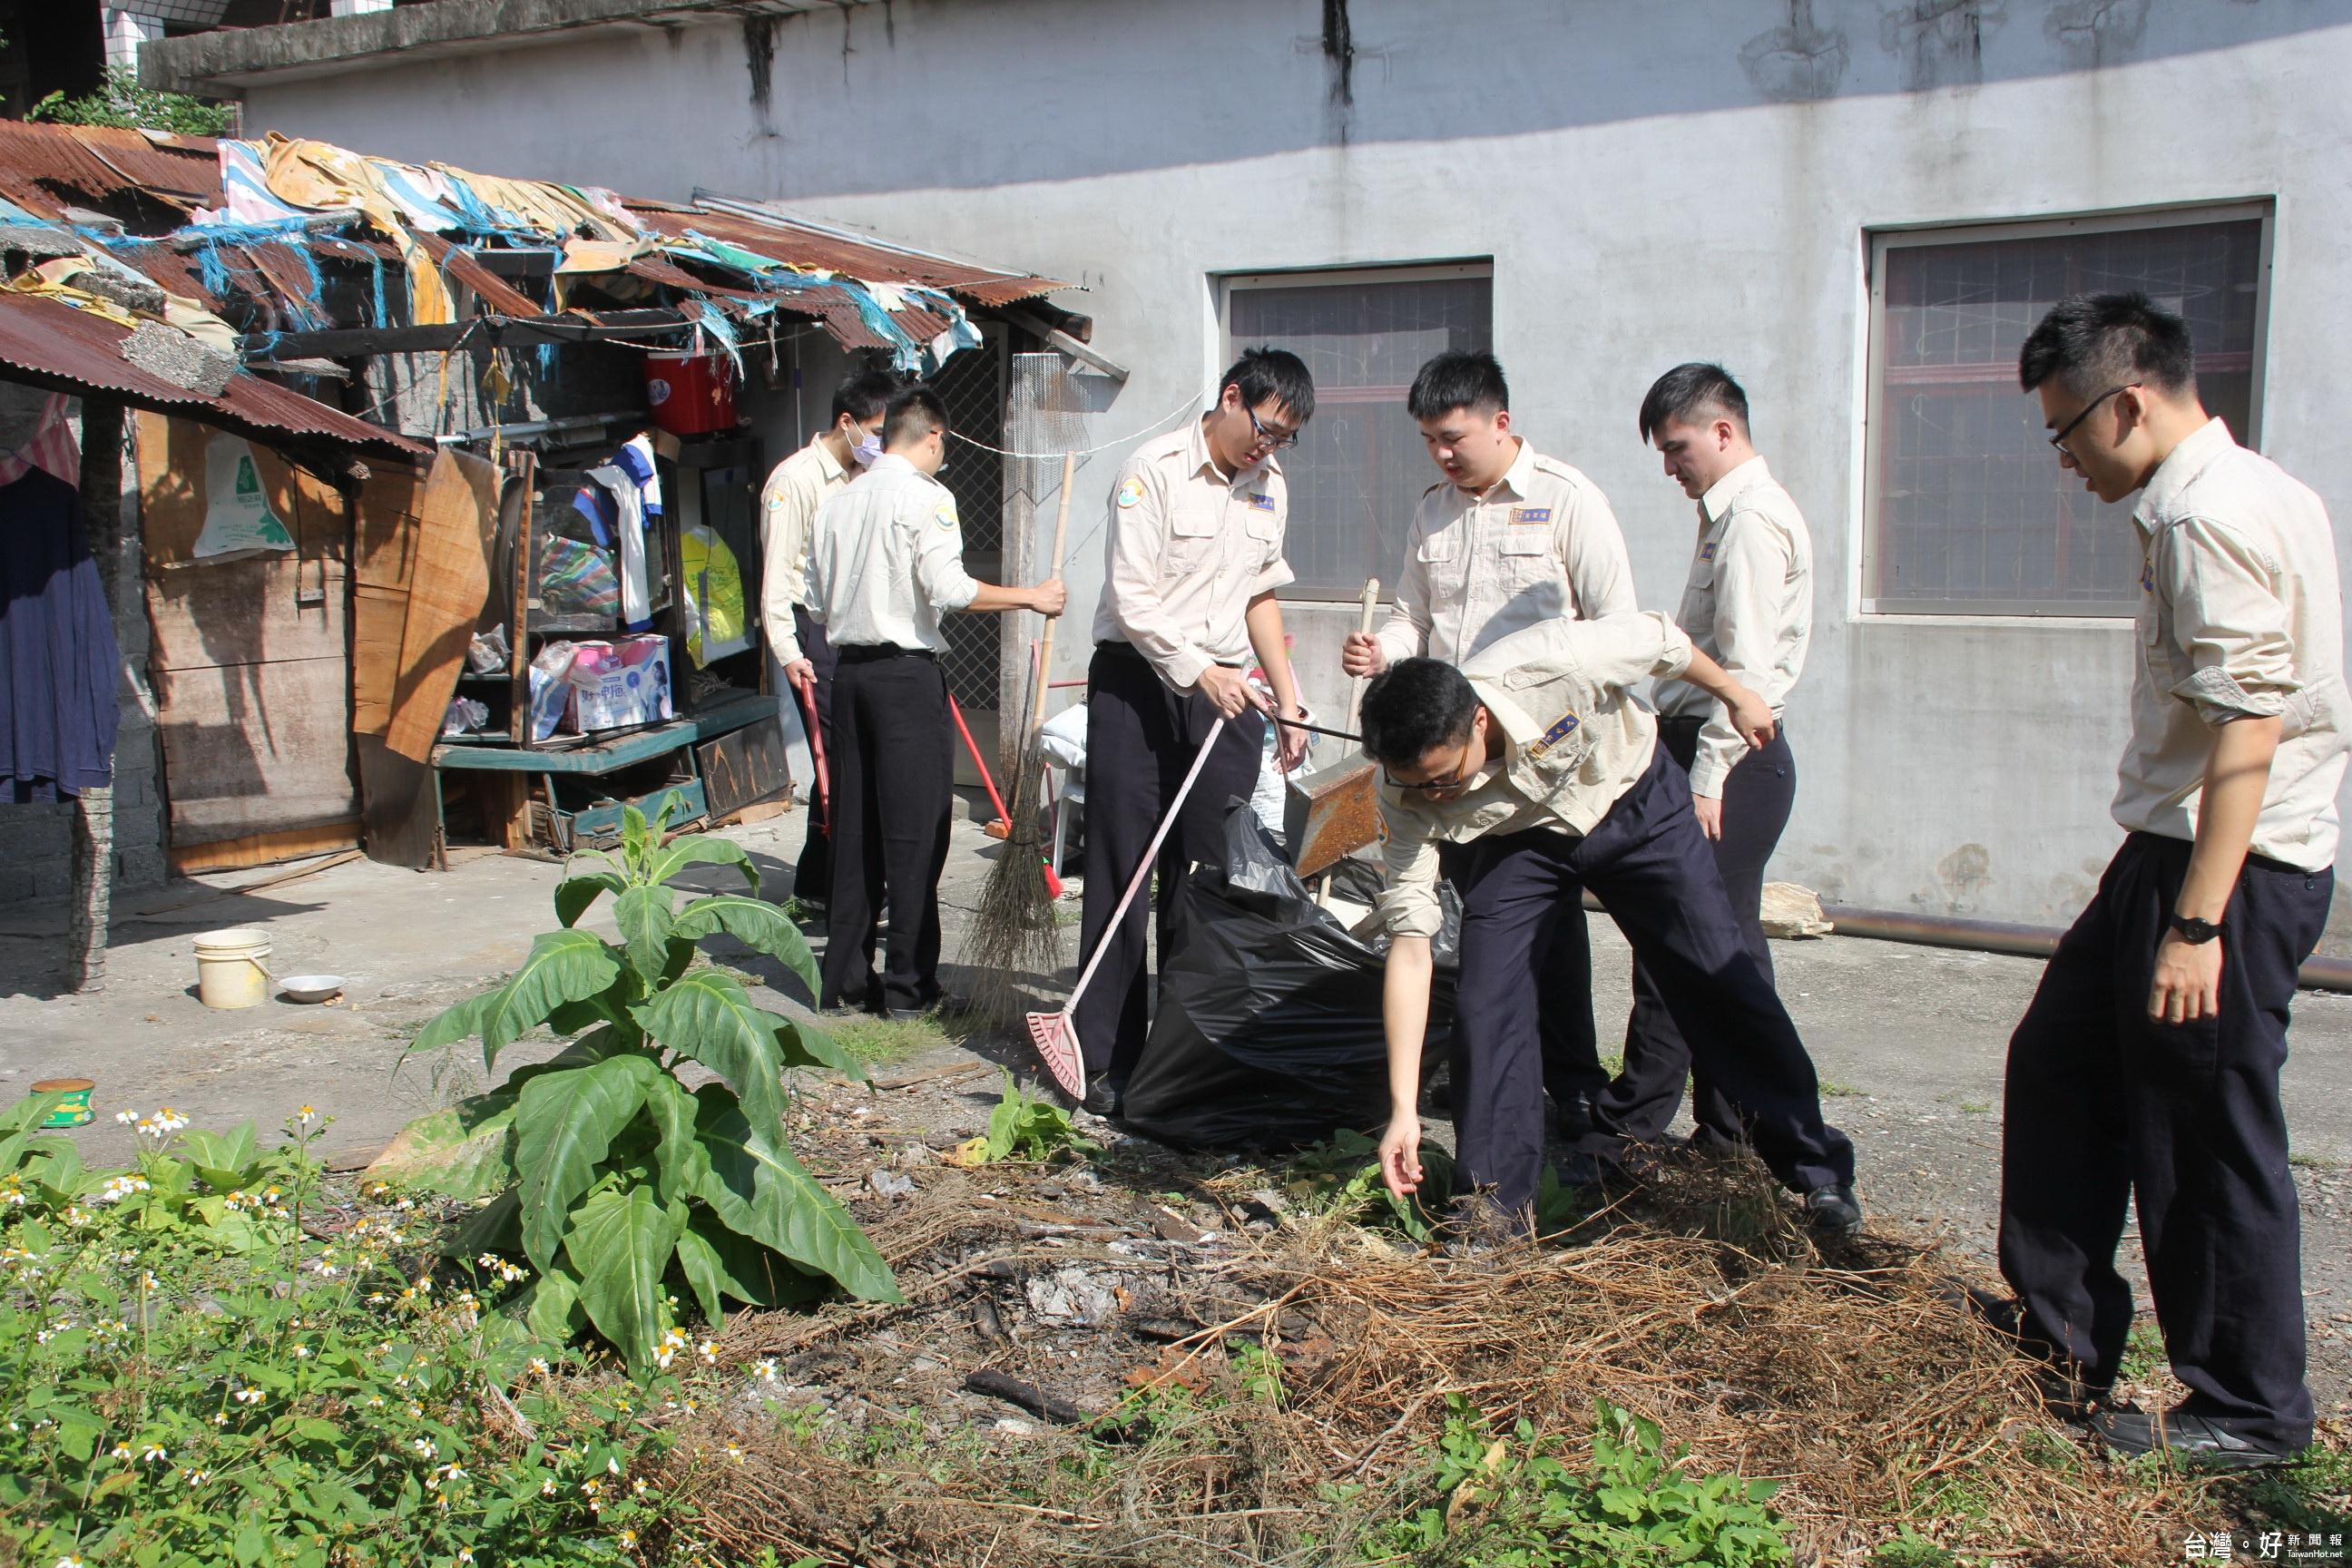 就近關懷獨老 替代役男到府協助環境清潔獻愛心